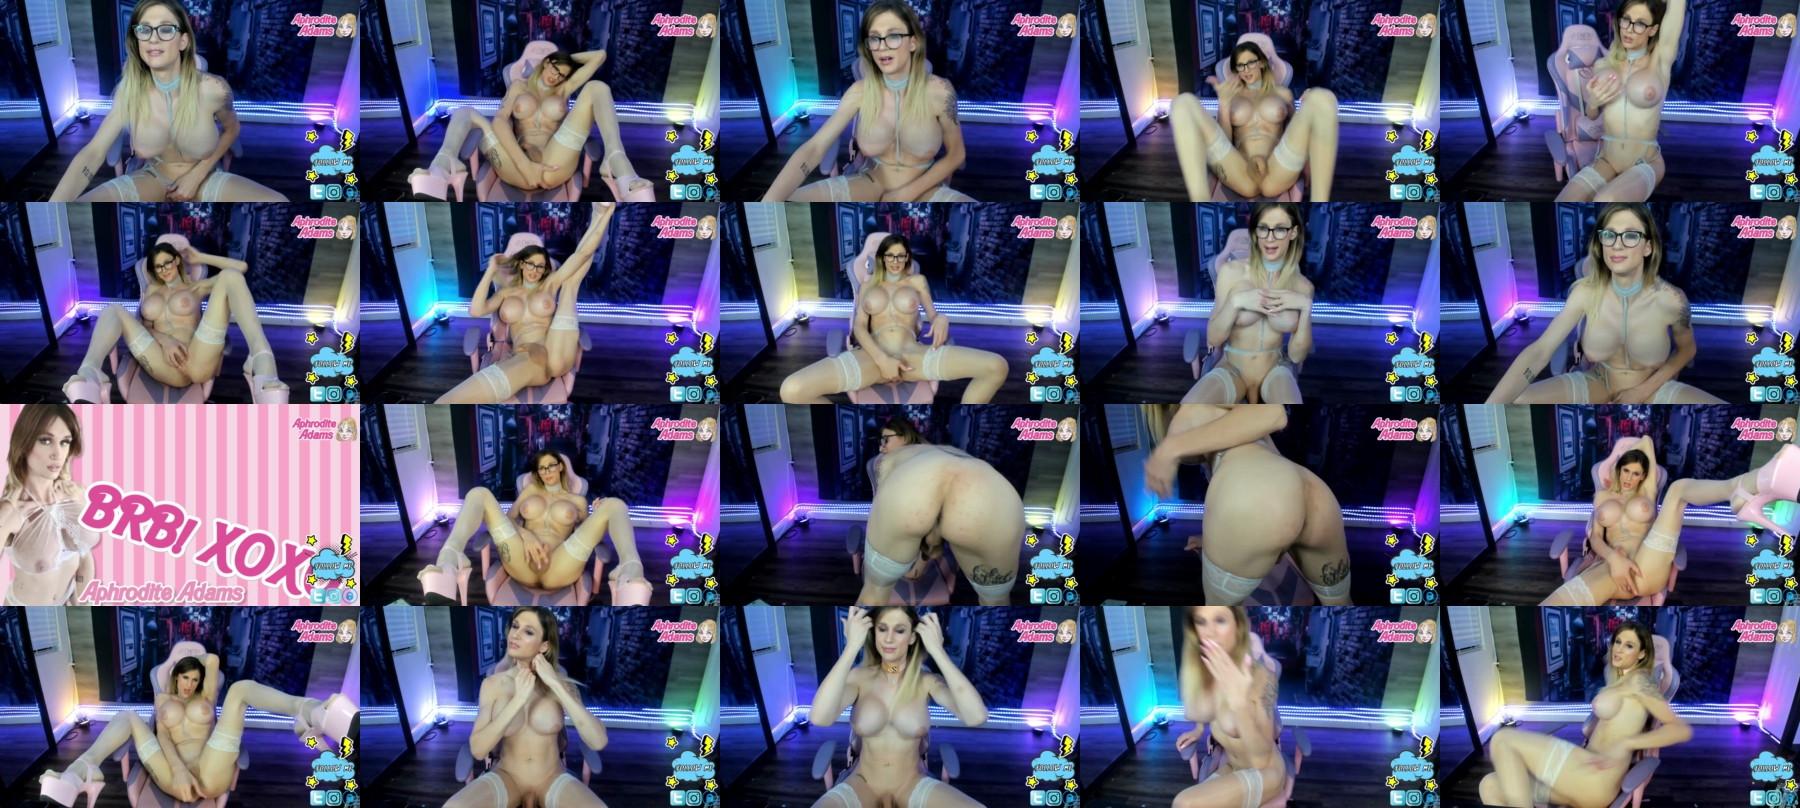 Tsaphroditeadams Chaturbate 04-05-2021 Trans Porn